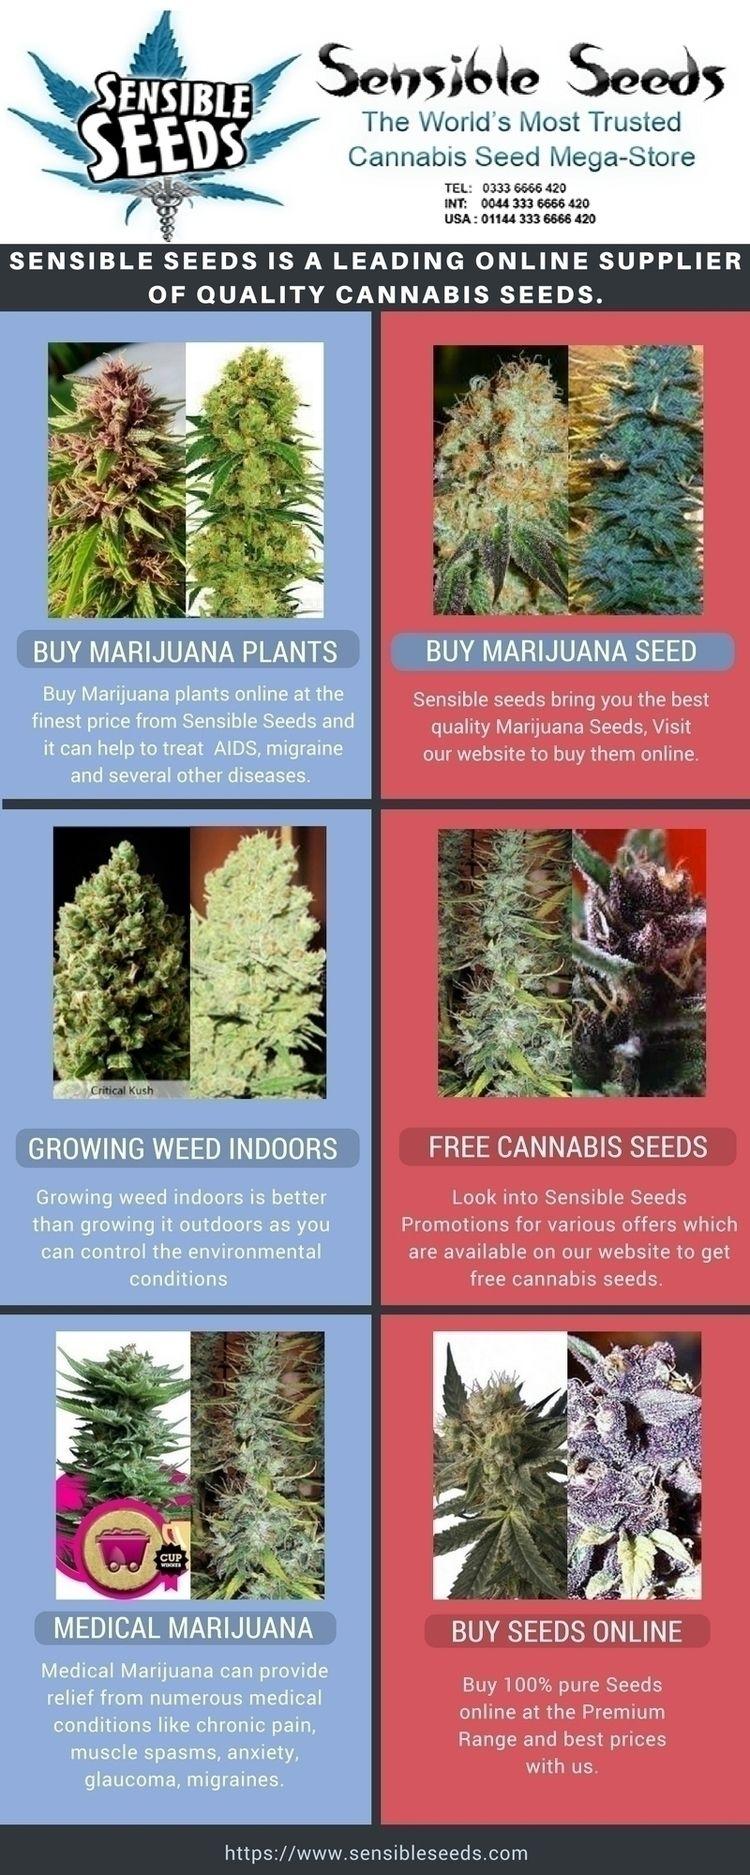 buy marijuana plants online che - sensibleseeds   ello